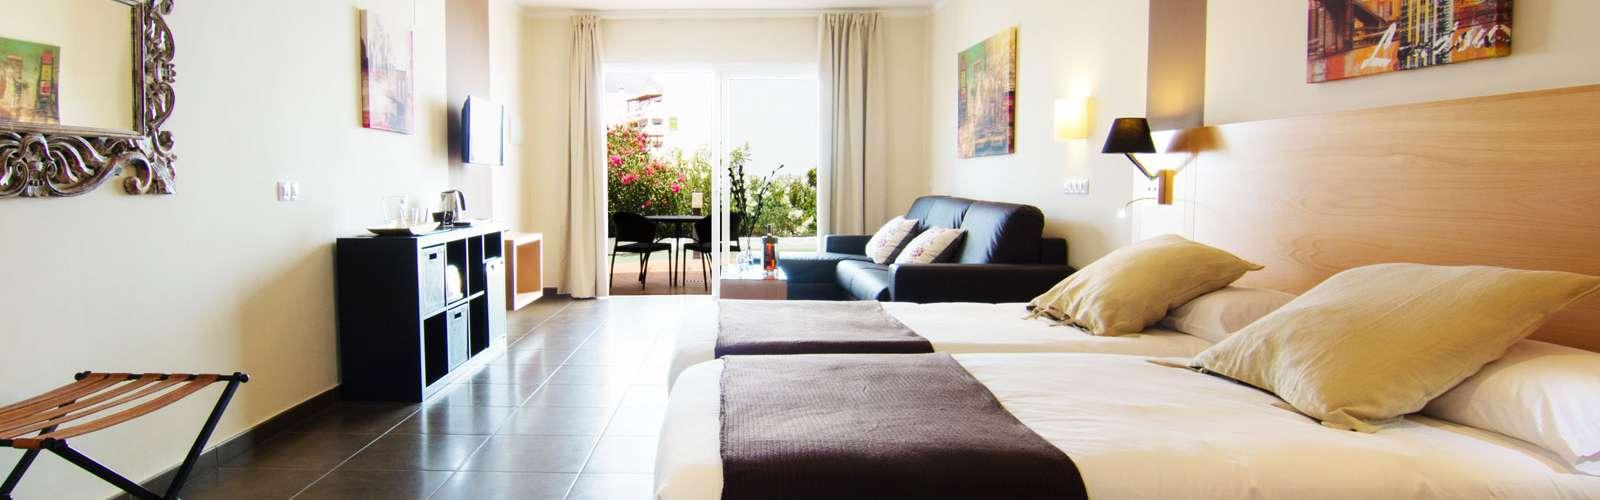 Junior Suite | Club Siroco Apartments - Lanzarote